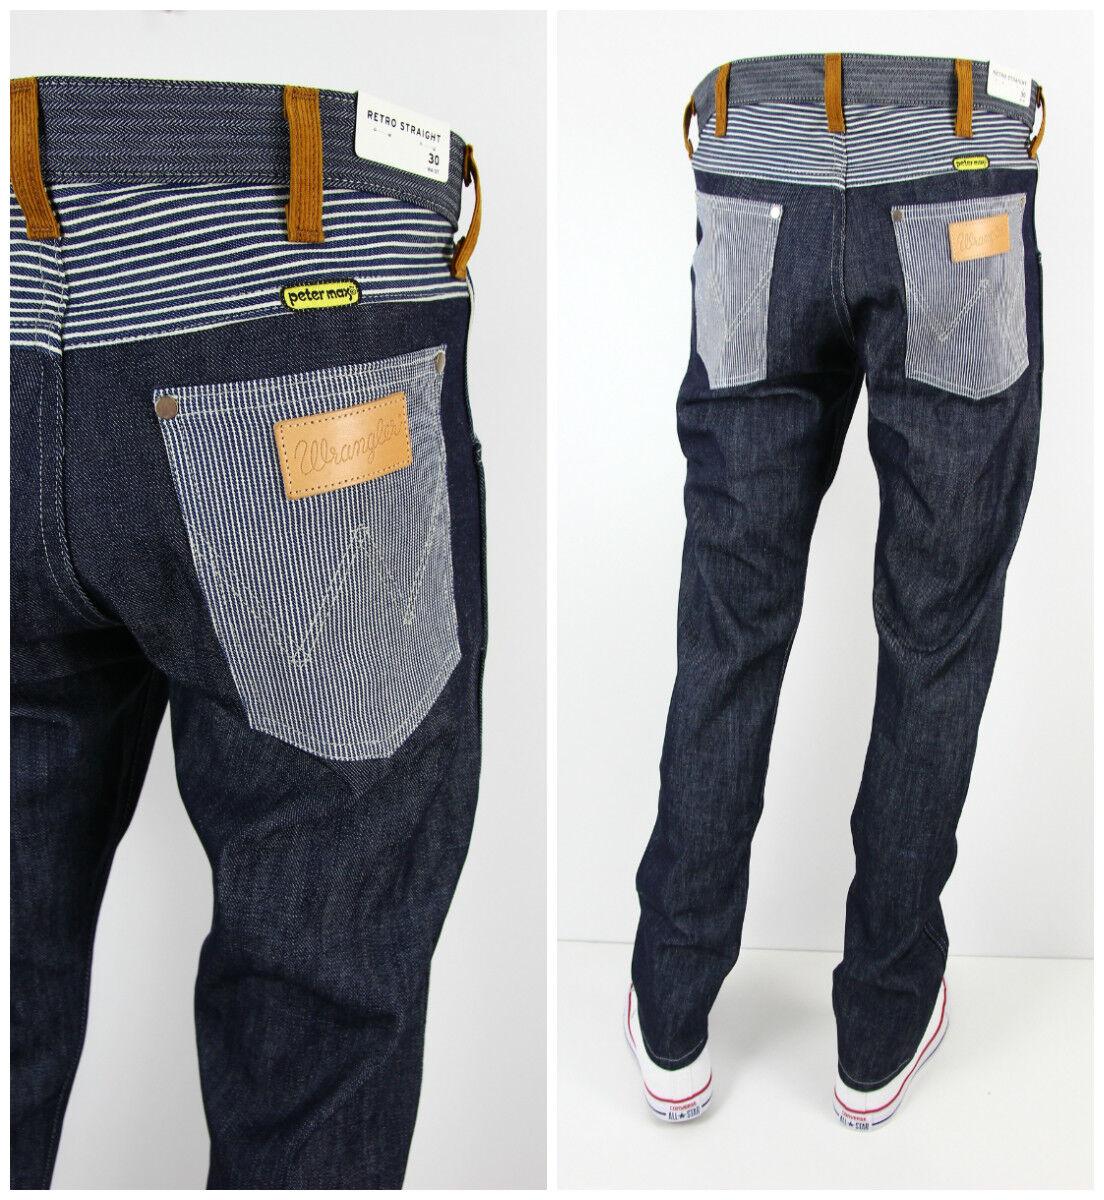 Nuovo Wrangler x Peter Max Rétro Cimossa Asciutto Raw Denim Jeans Dritto L32 L34